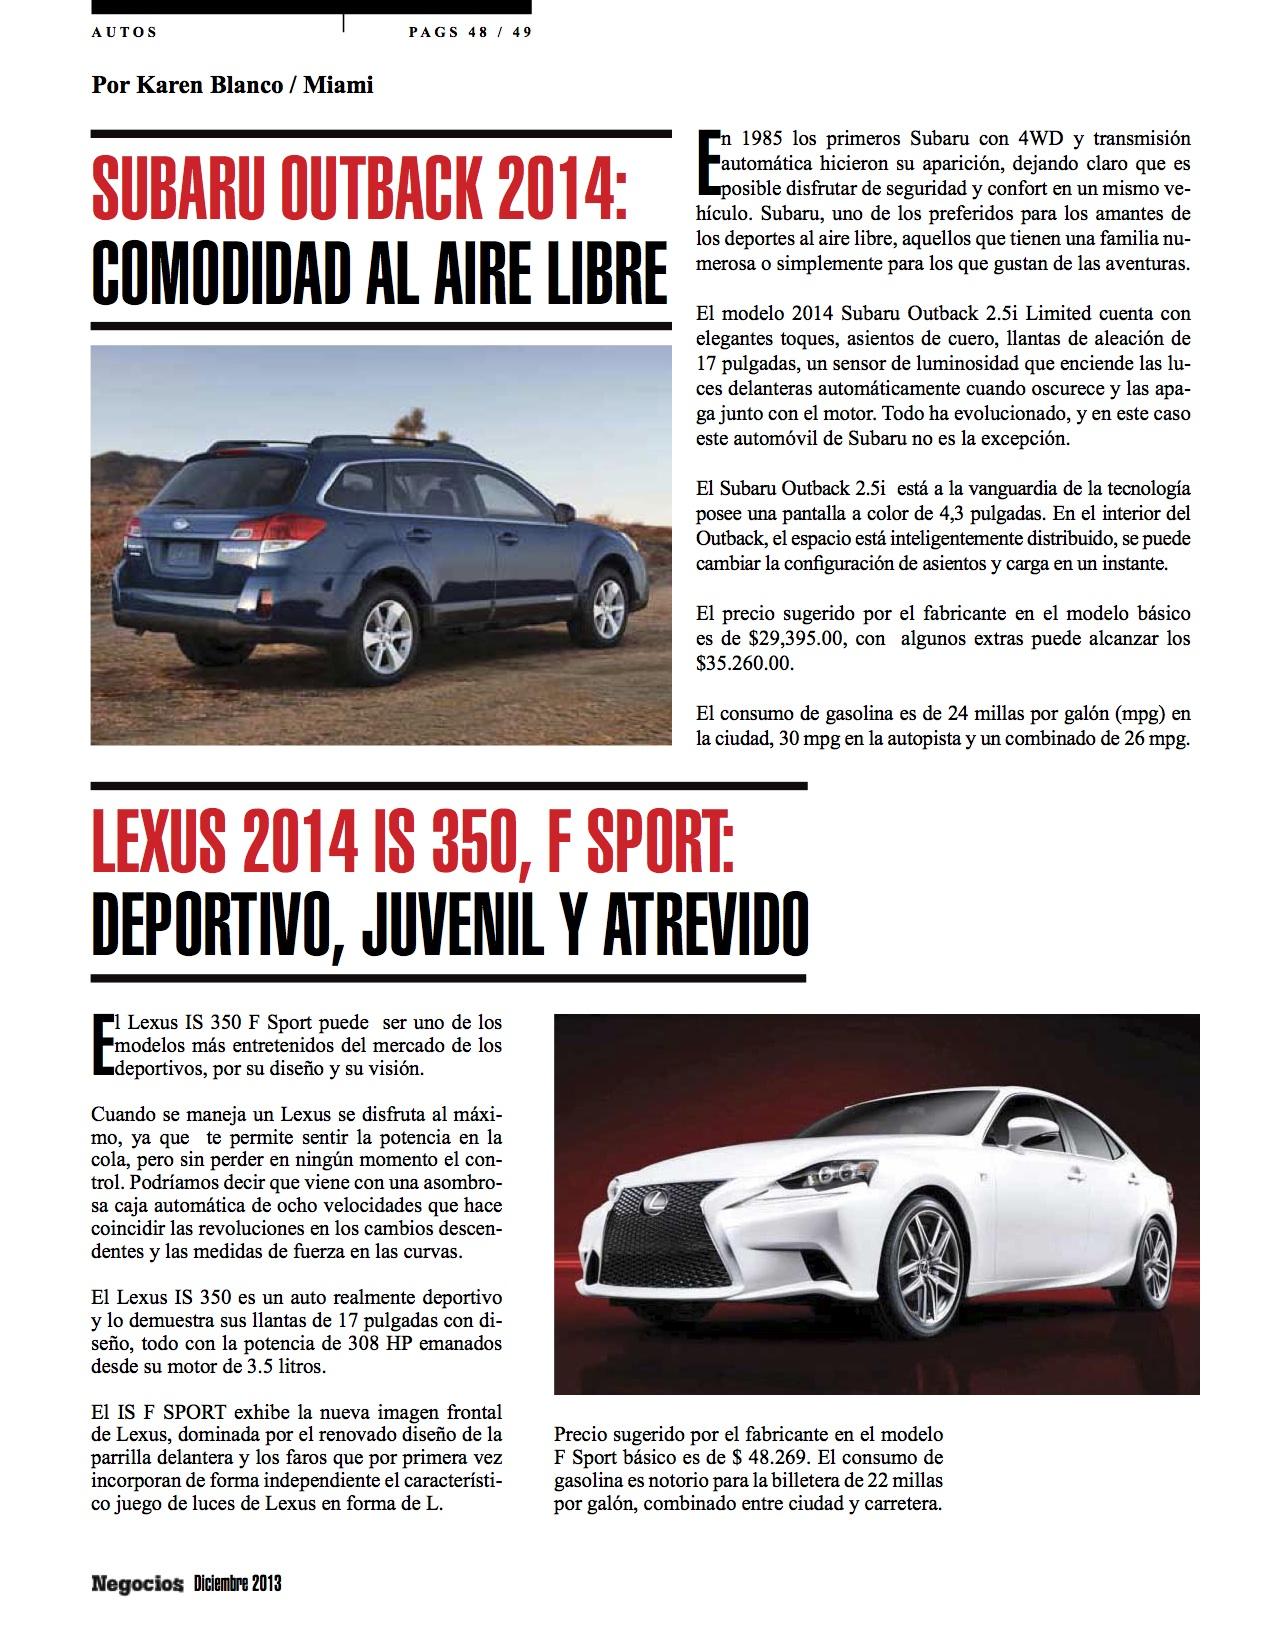 lexus 2014 is 350 f sport deportivo juvenil y atrevido negocios magazine. Black Bedroom Furniture Sets. Home Design Ideas